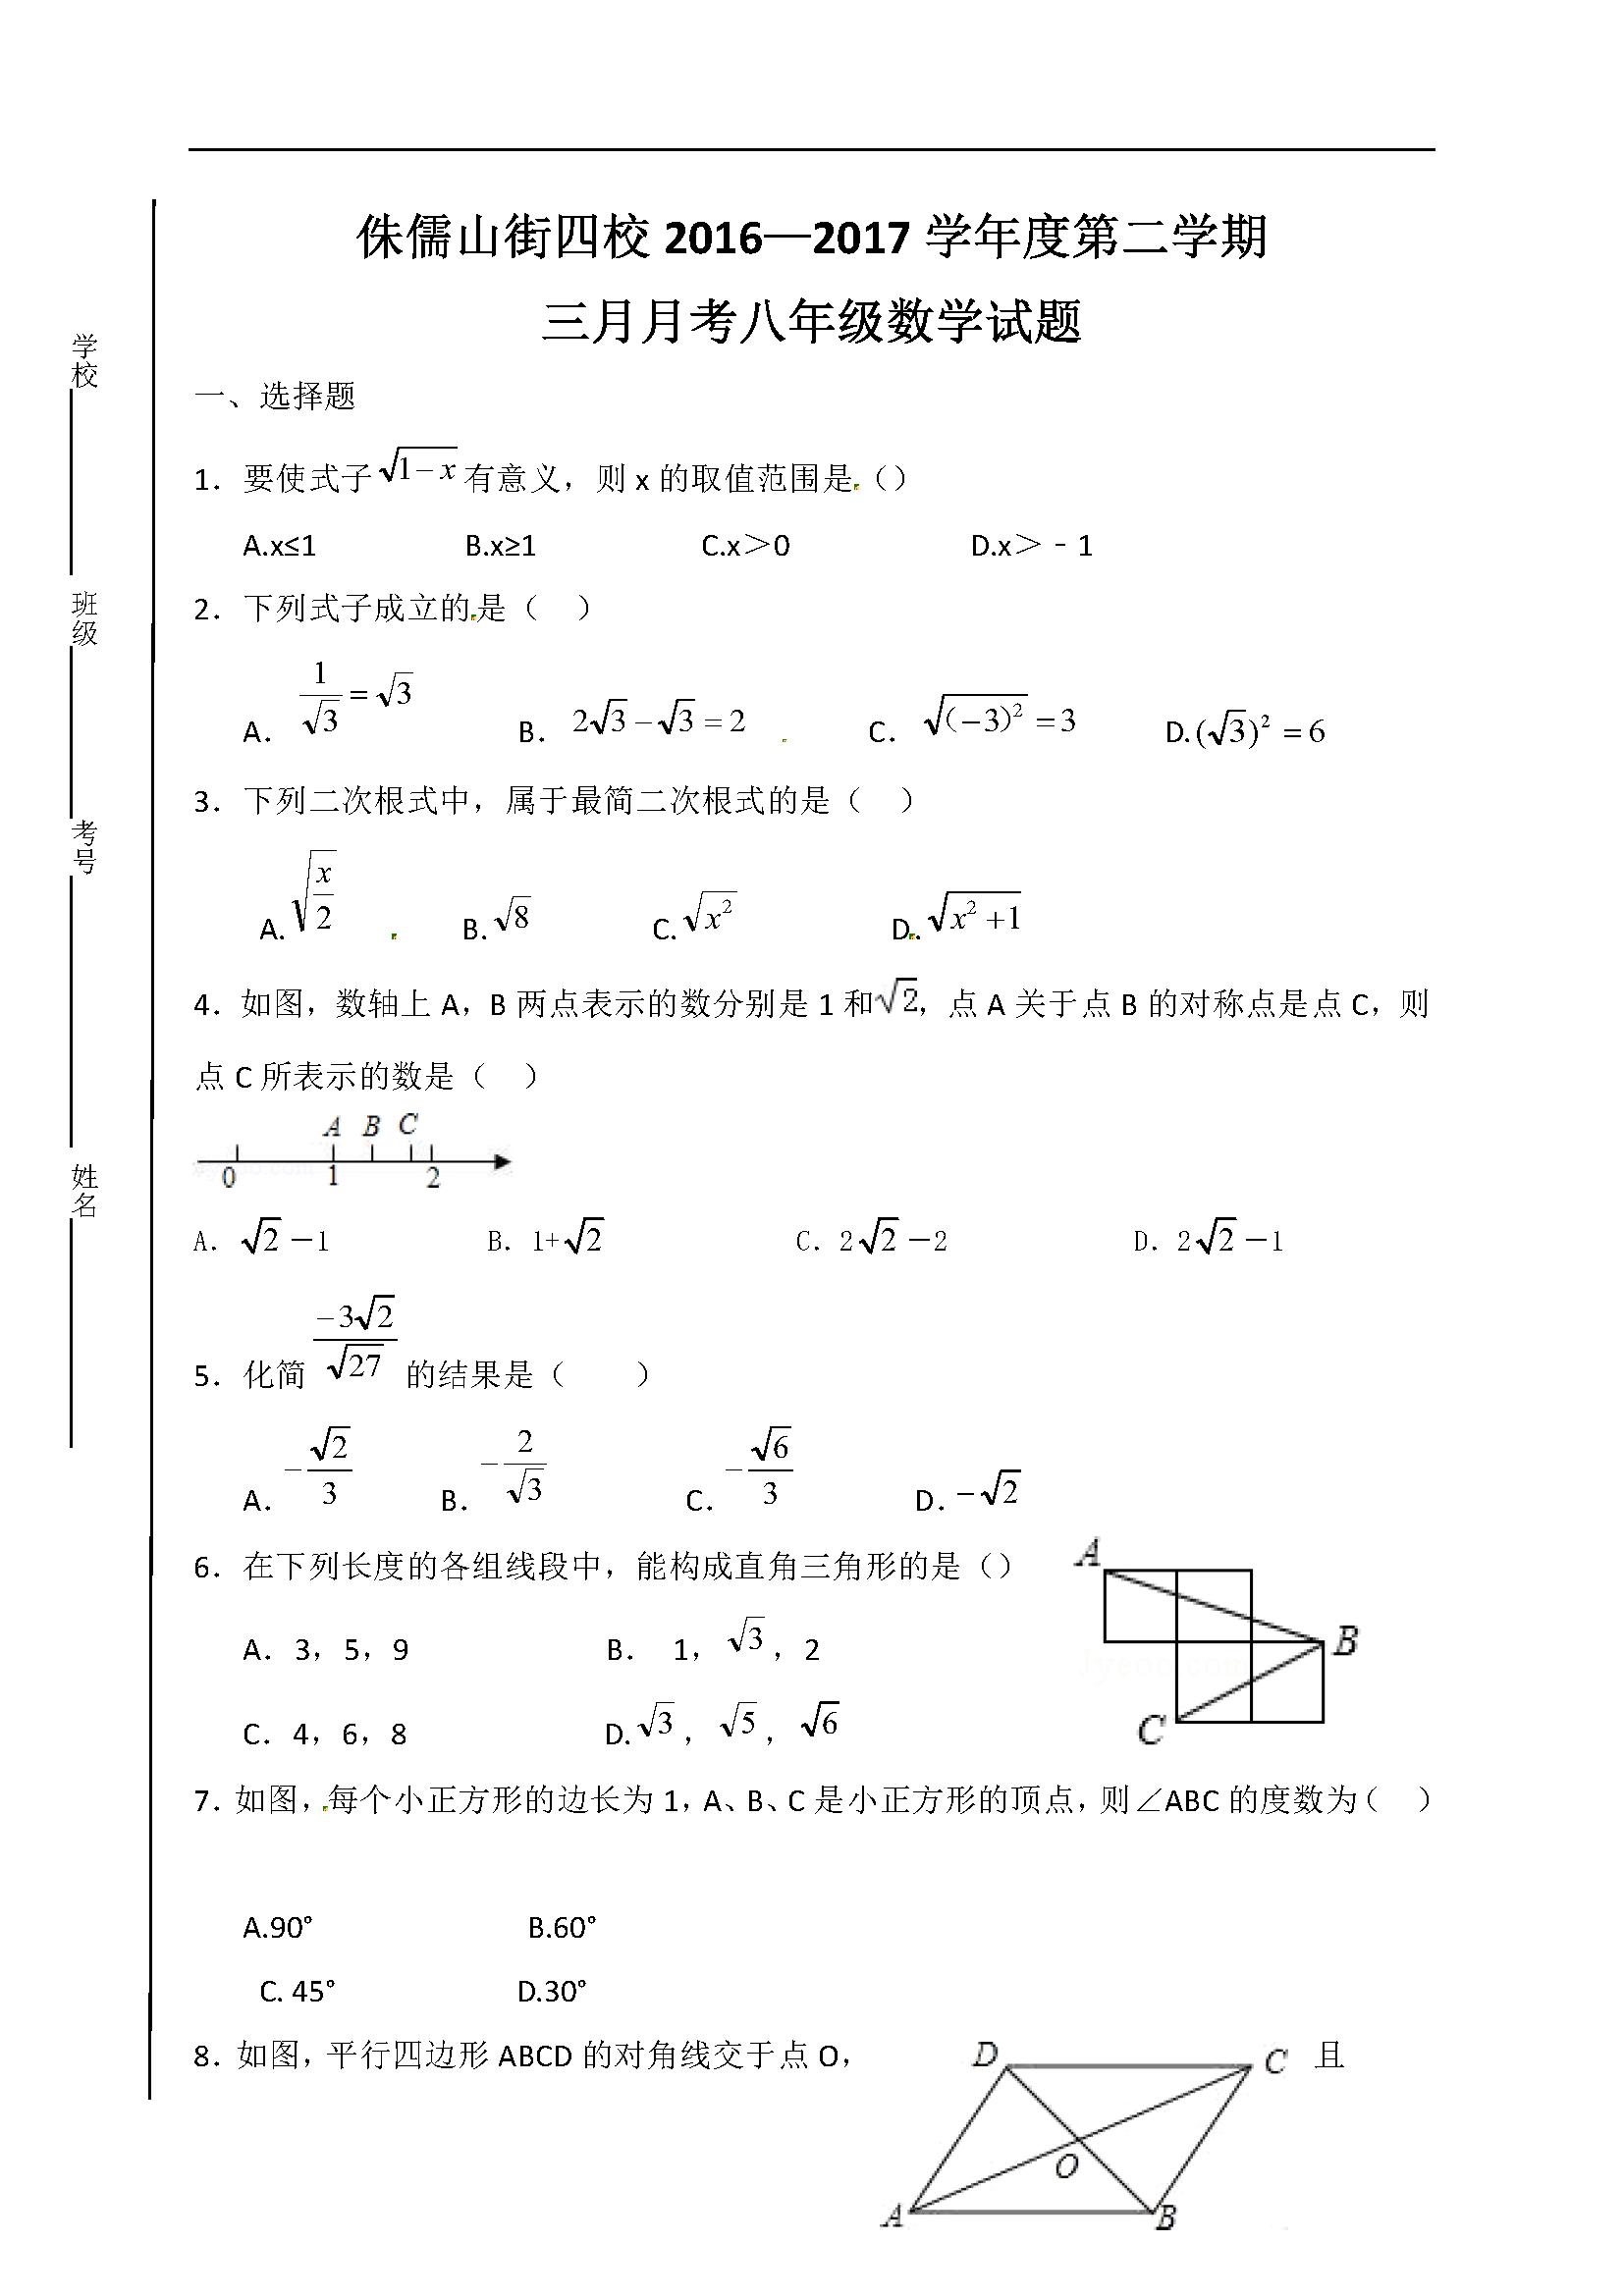 2017湖北武汉侏儒山街四校八年级3月月考数学试题(图片版)